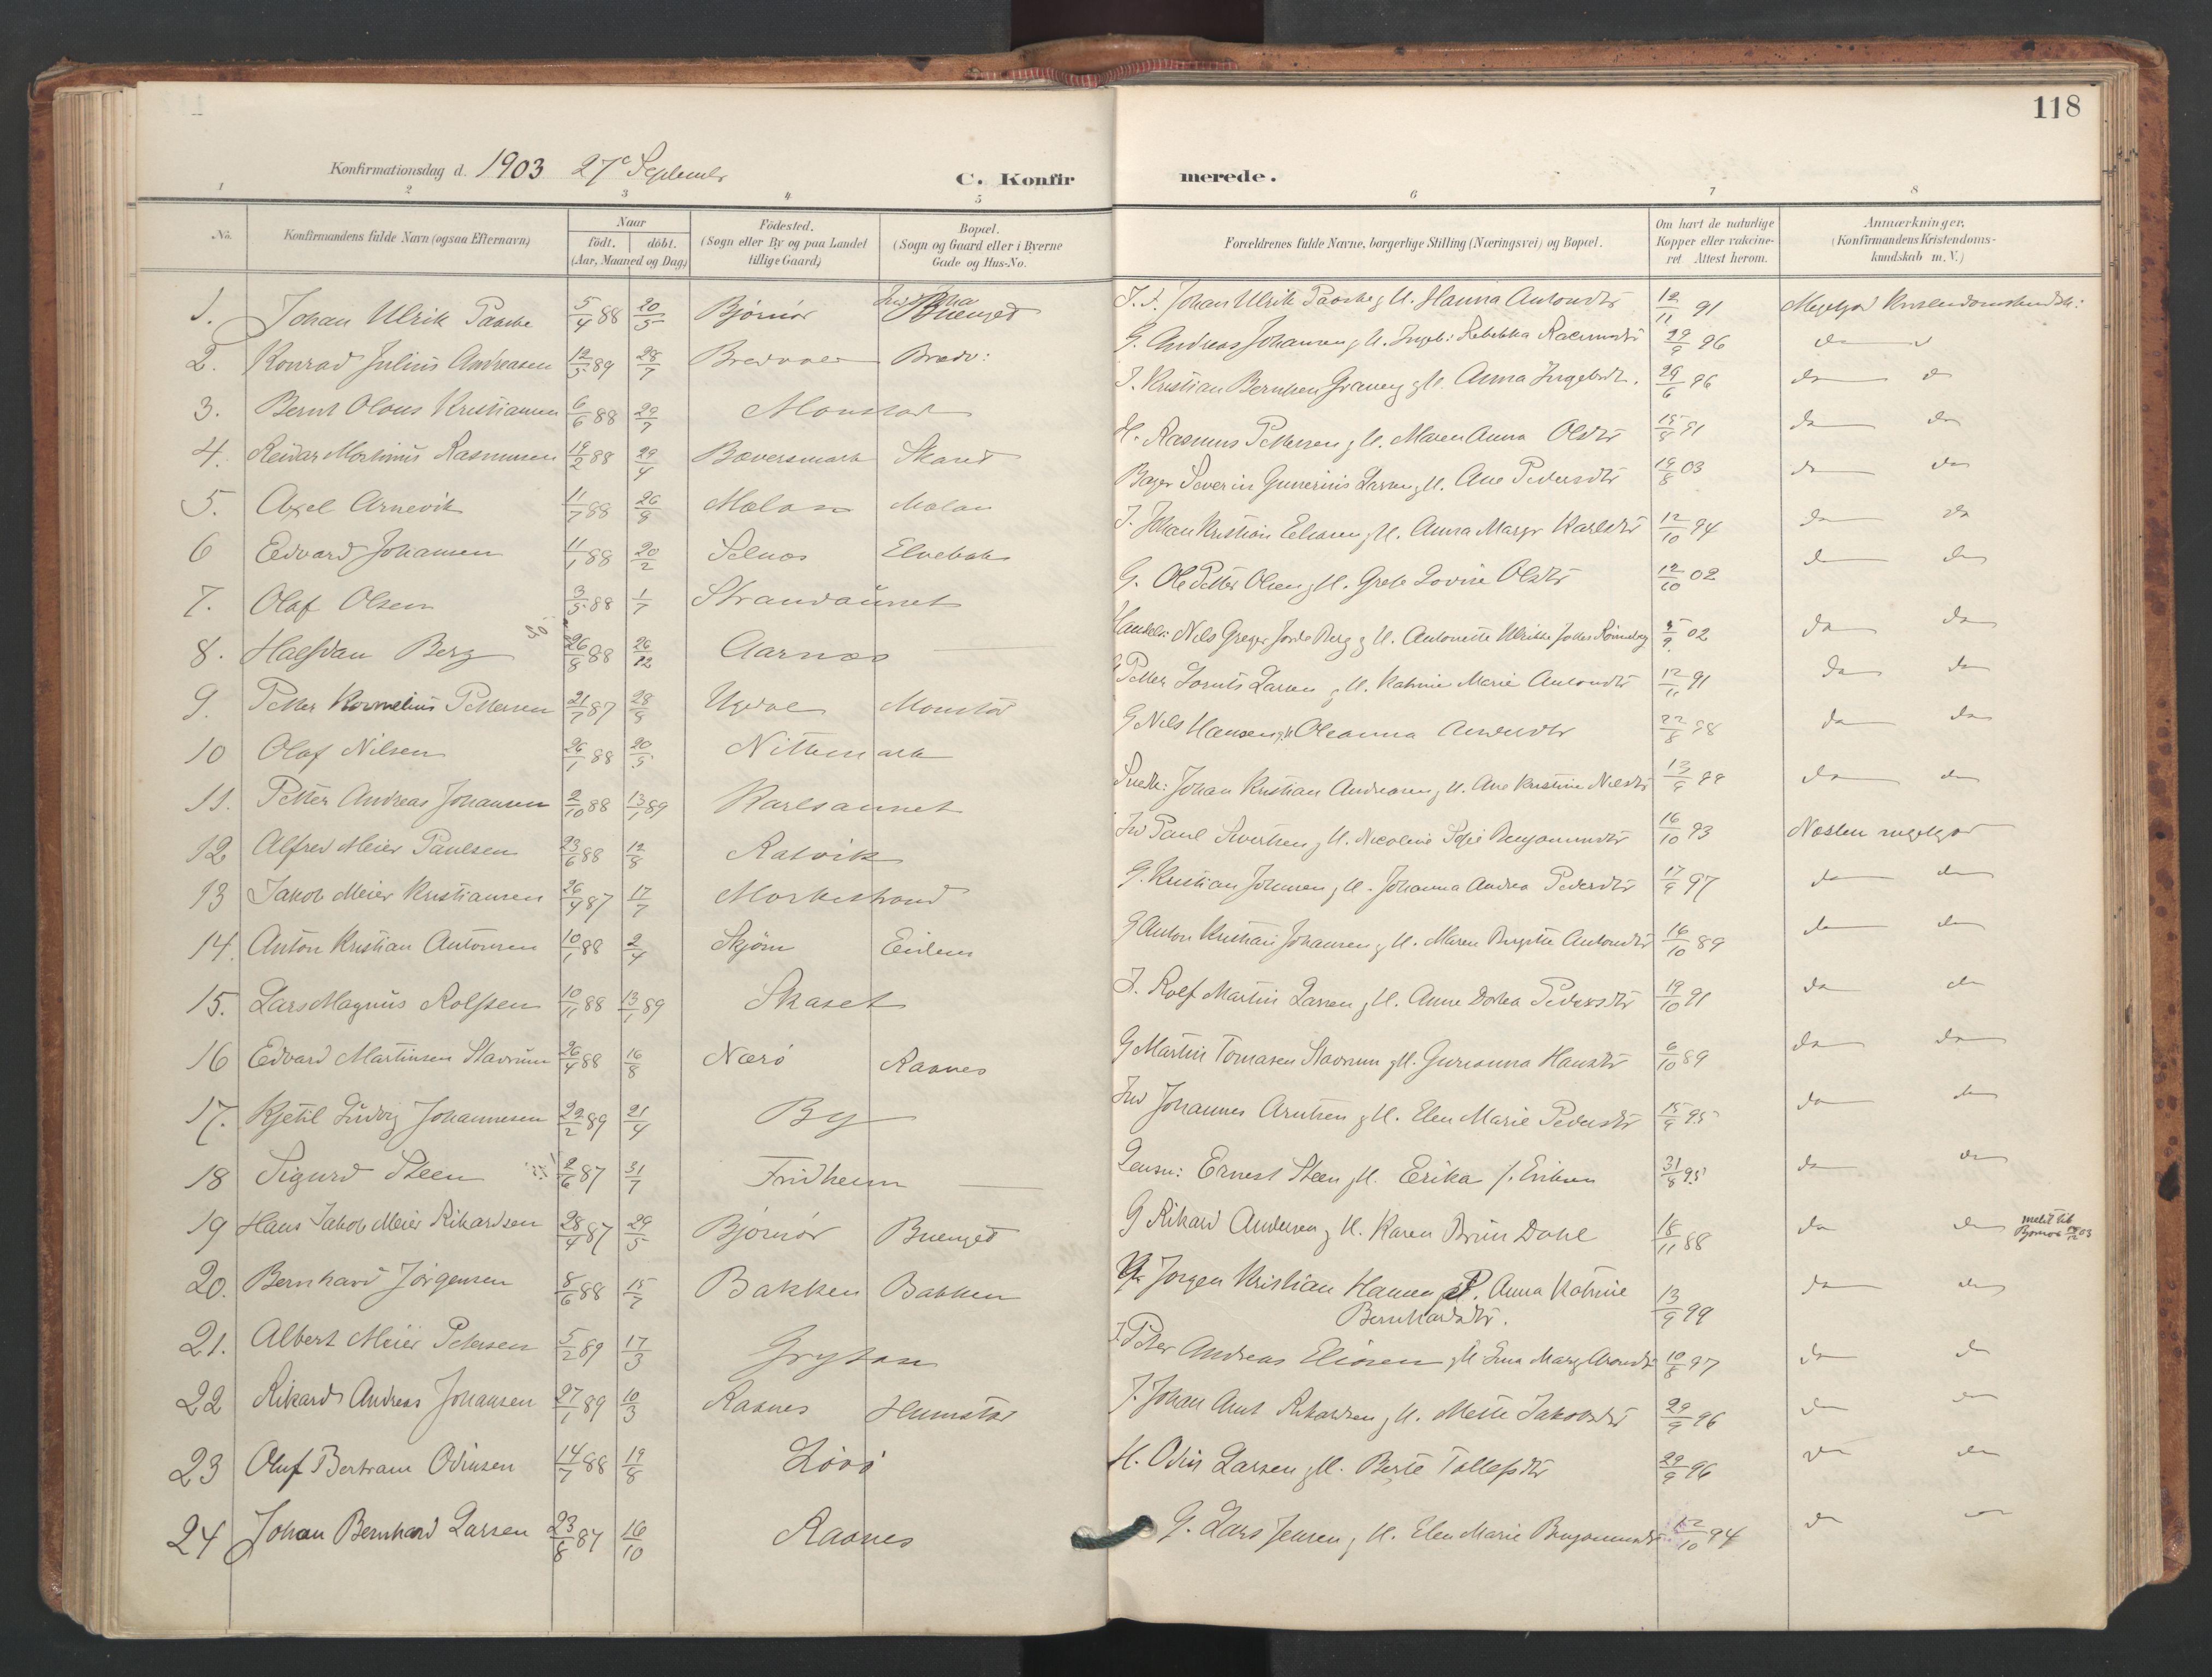 SAT, Ministerialprotokoller, klokkerbøker og fødselsregistre - Sør-Trøndelag, 655/L0681: Ministerialbok nr. 655A10, 1895-1907, s. 118